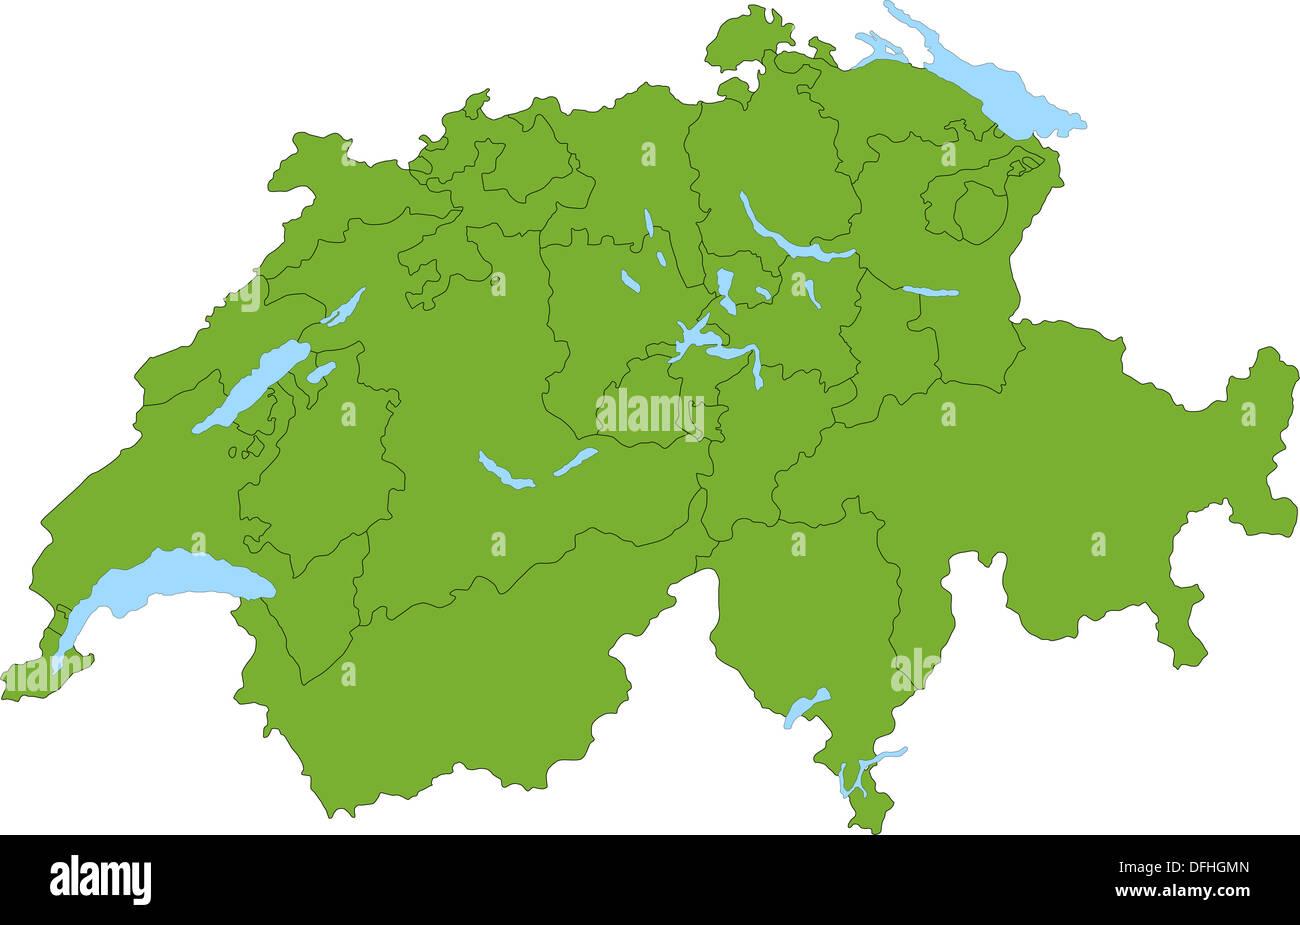 Svizzera Cartina.Green Cartina Della Svizzera Foto Immagine Stock 61237253